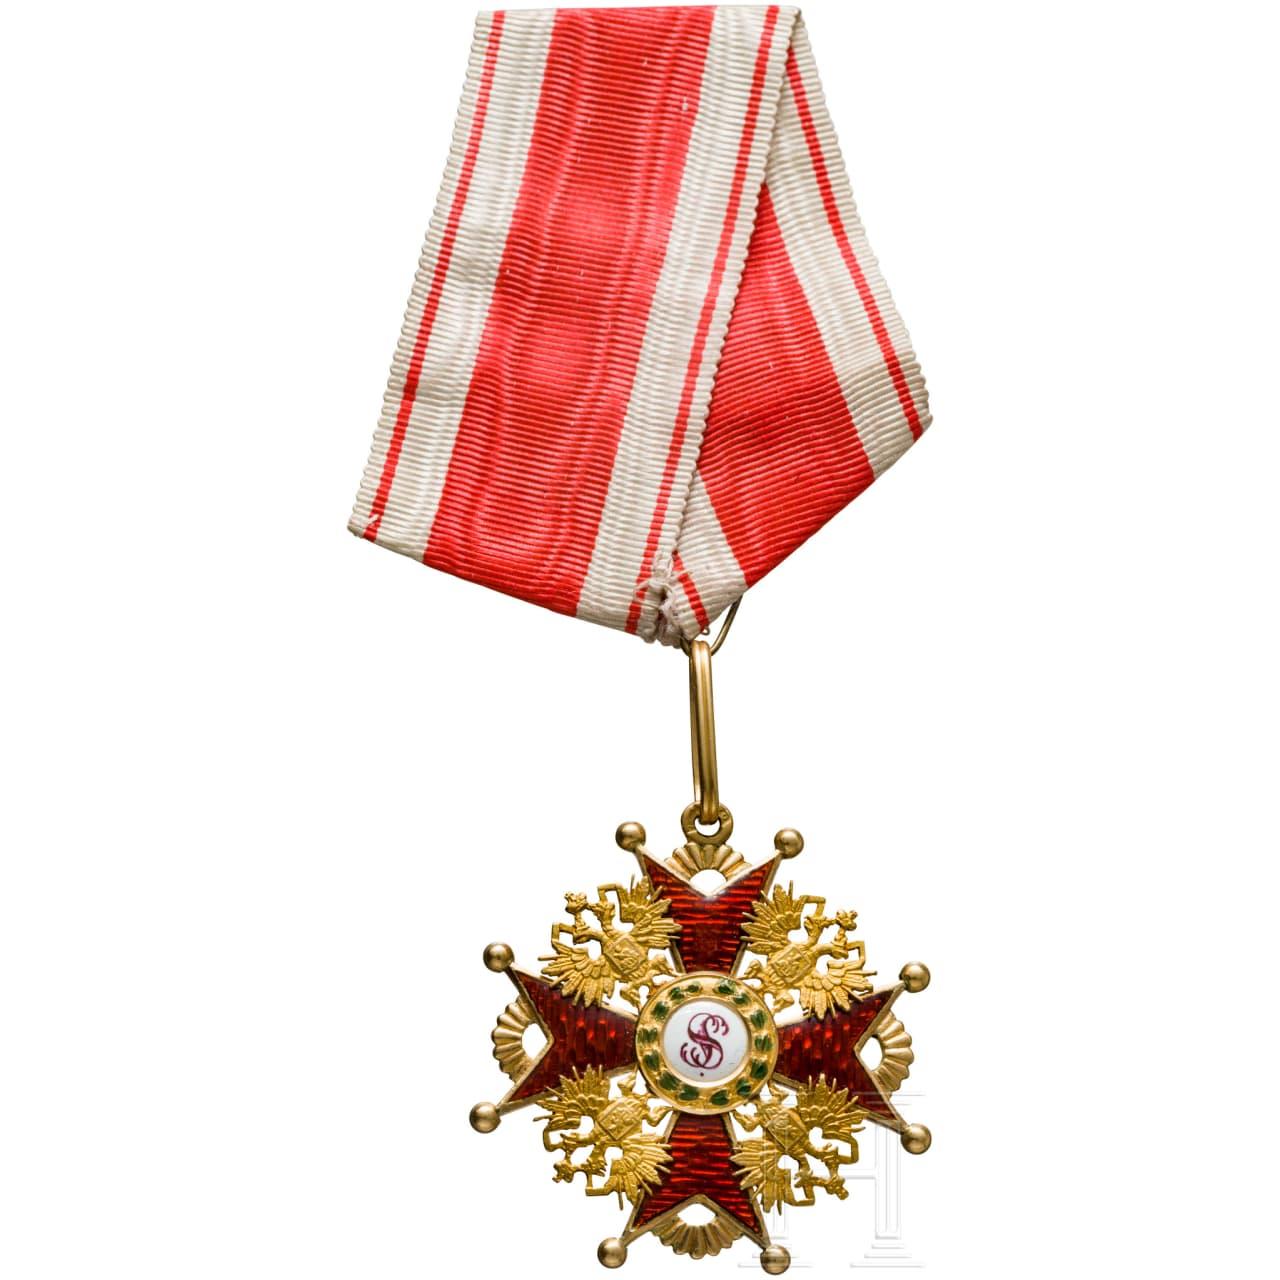 Order of St. Stanislaus, 3rd class cross, around 1900